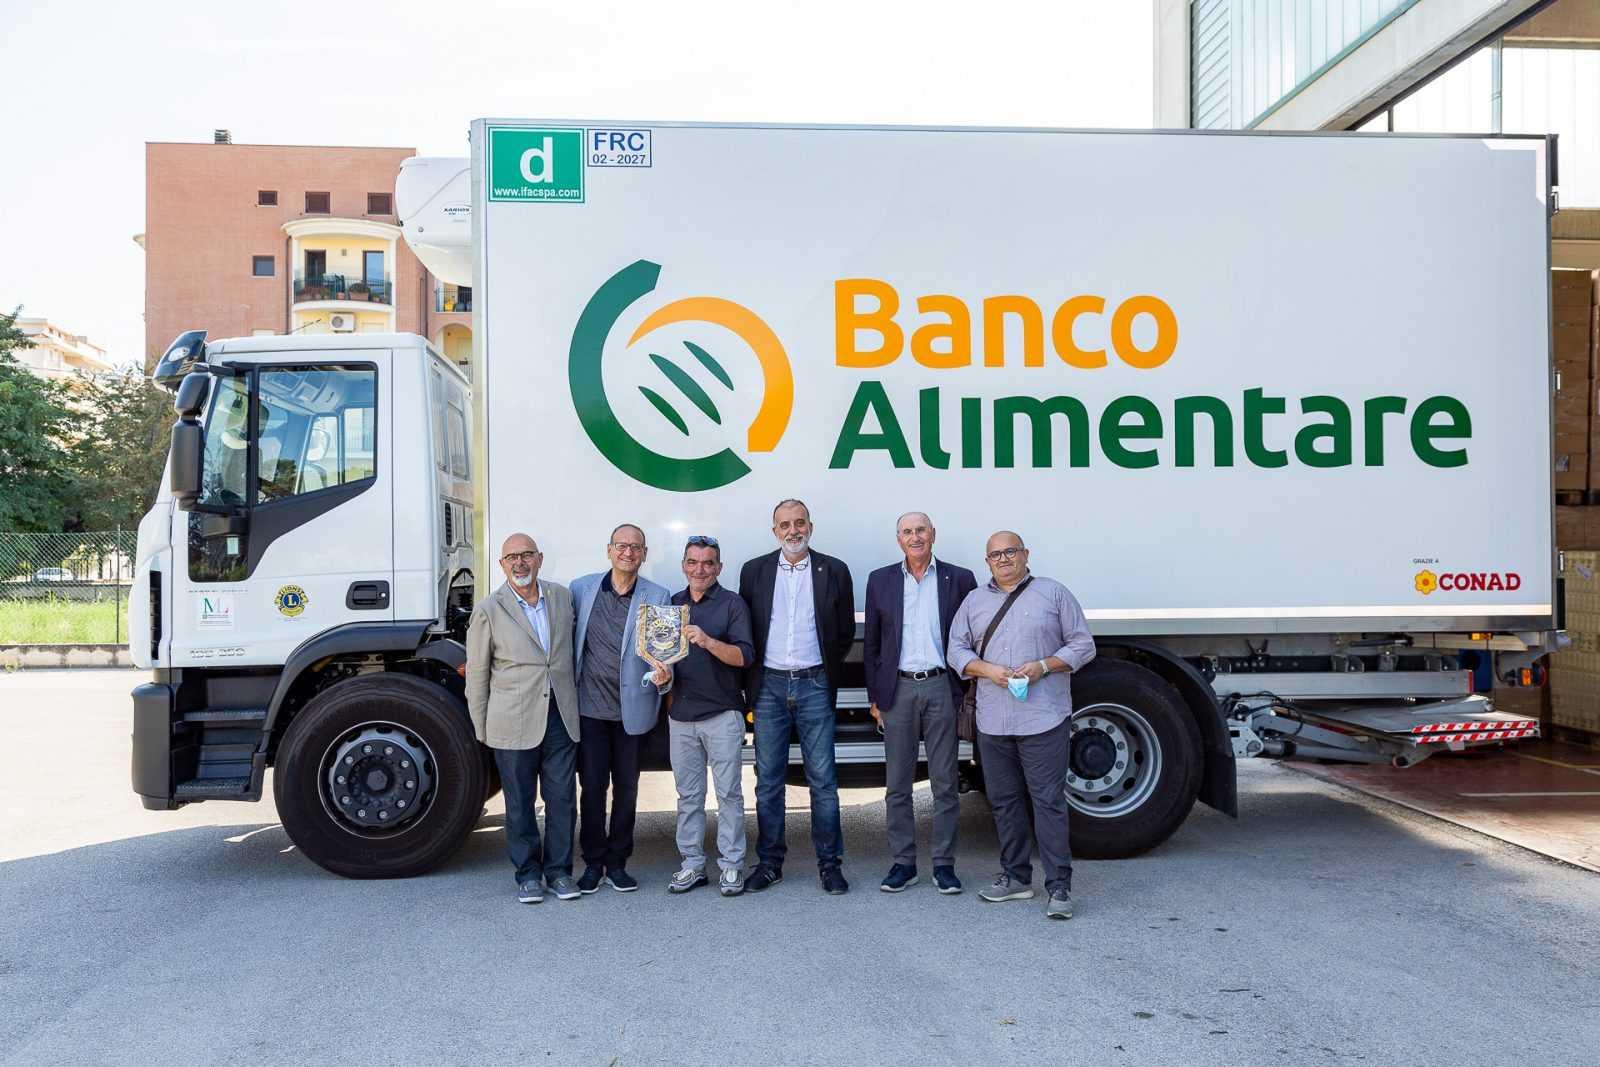 Banco Alimentare, acquisto di un nuovo camion grazie al contributo dei Lions